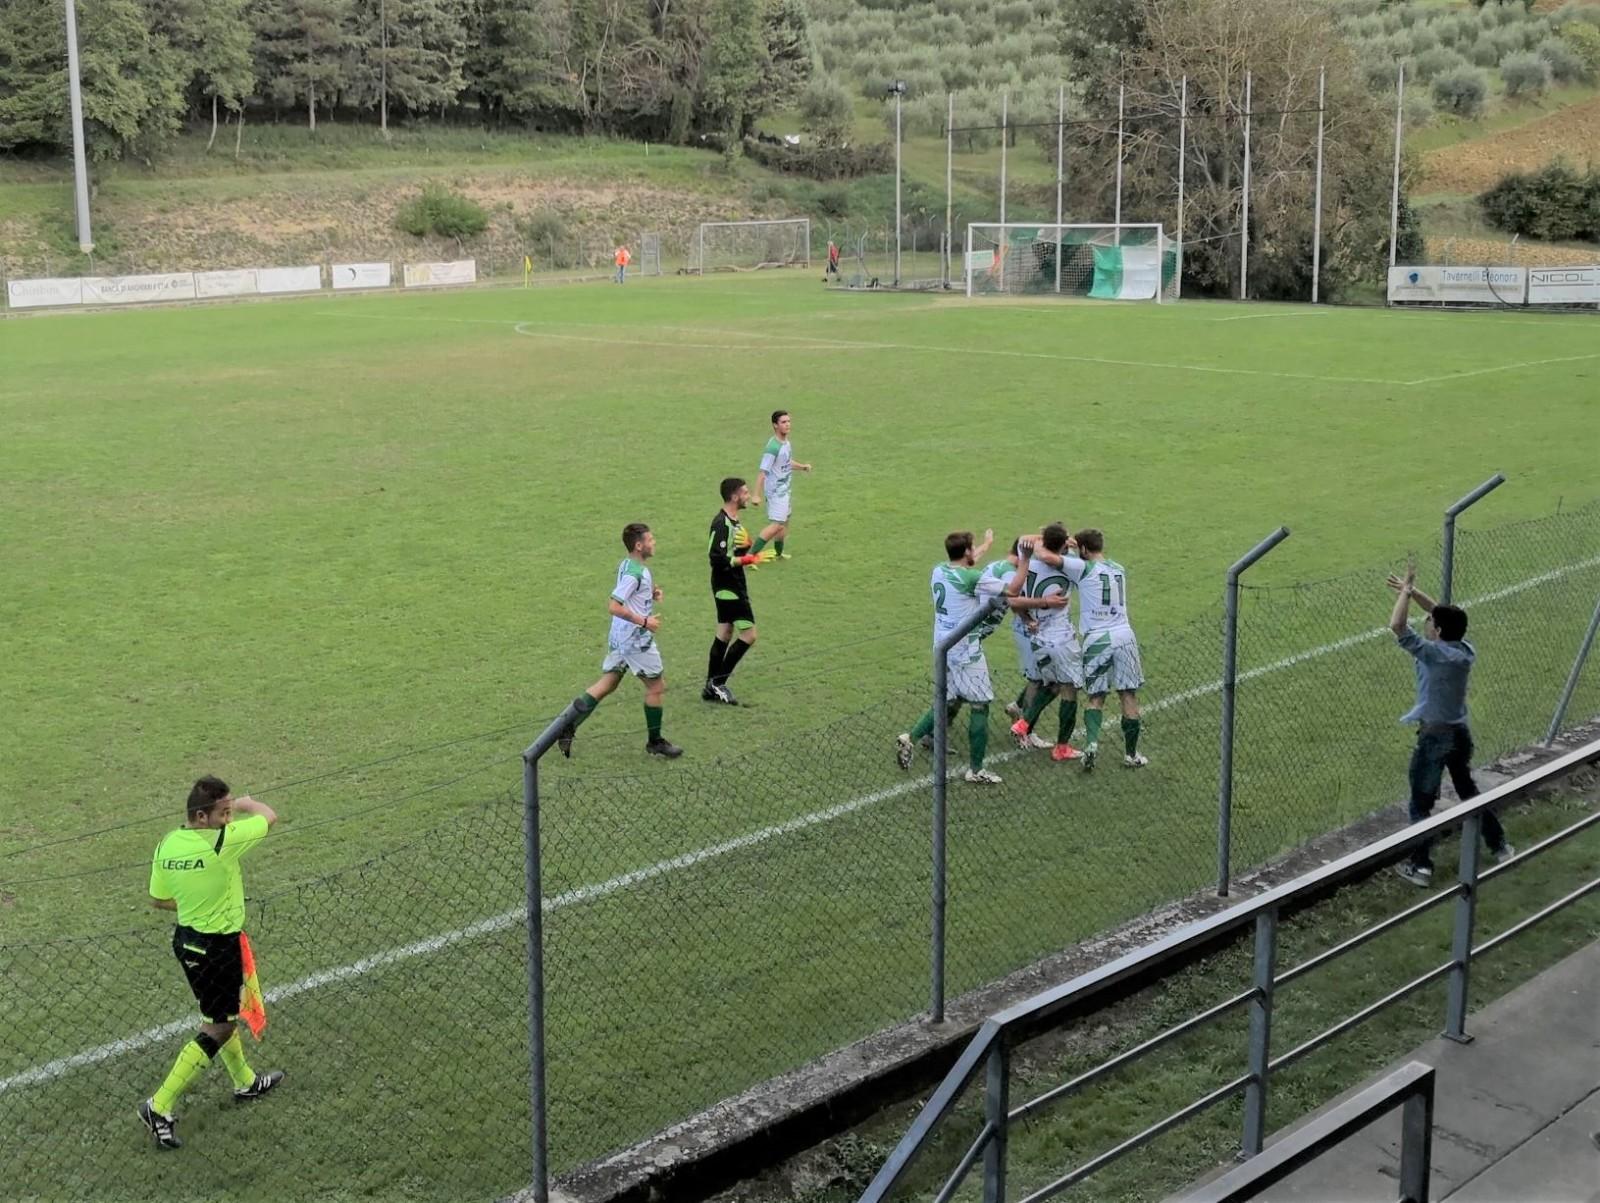 foto 2 Baldaccio-Colligiana